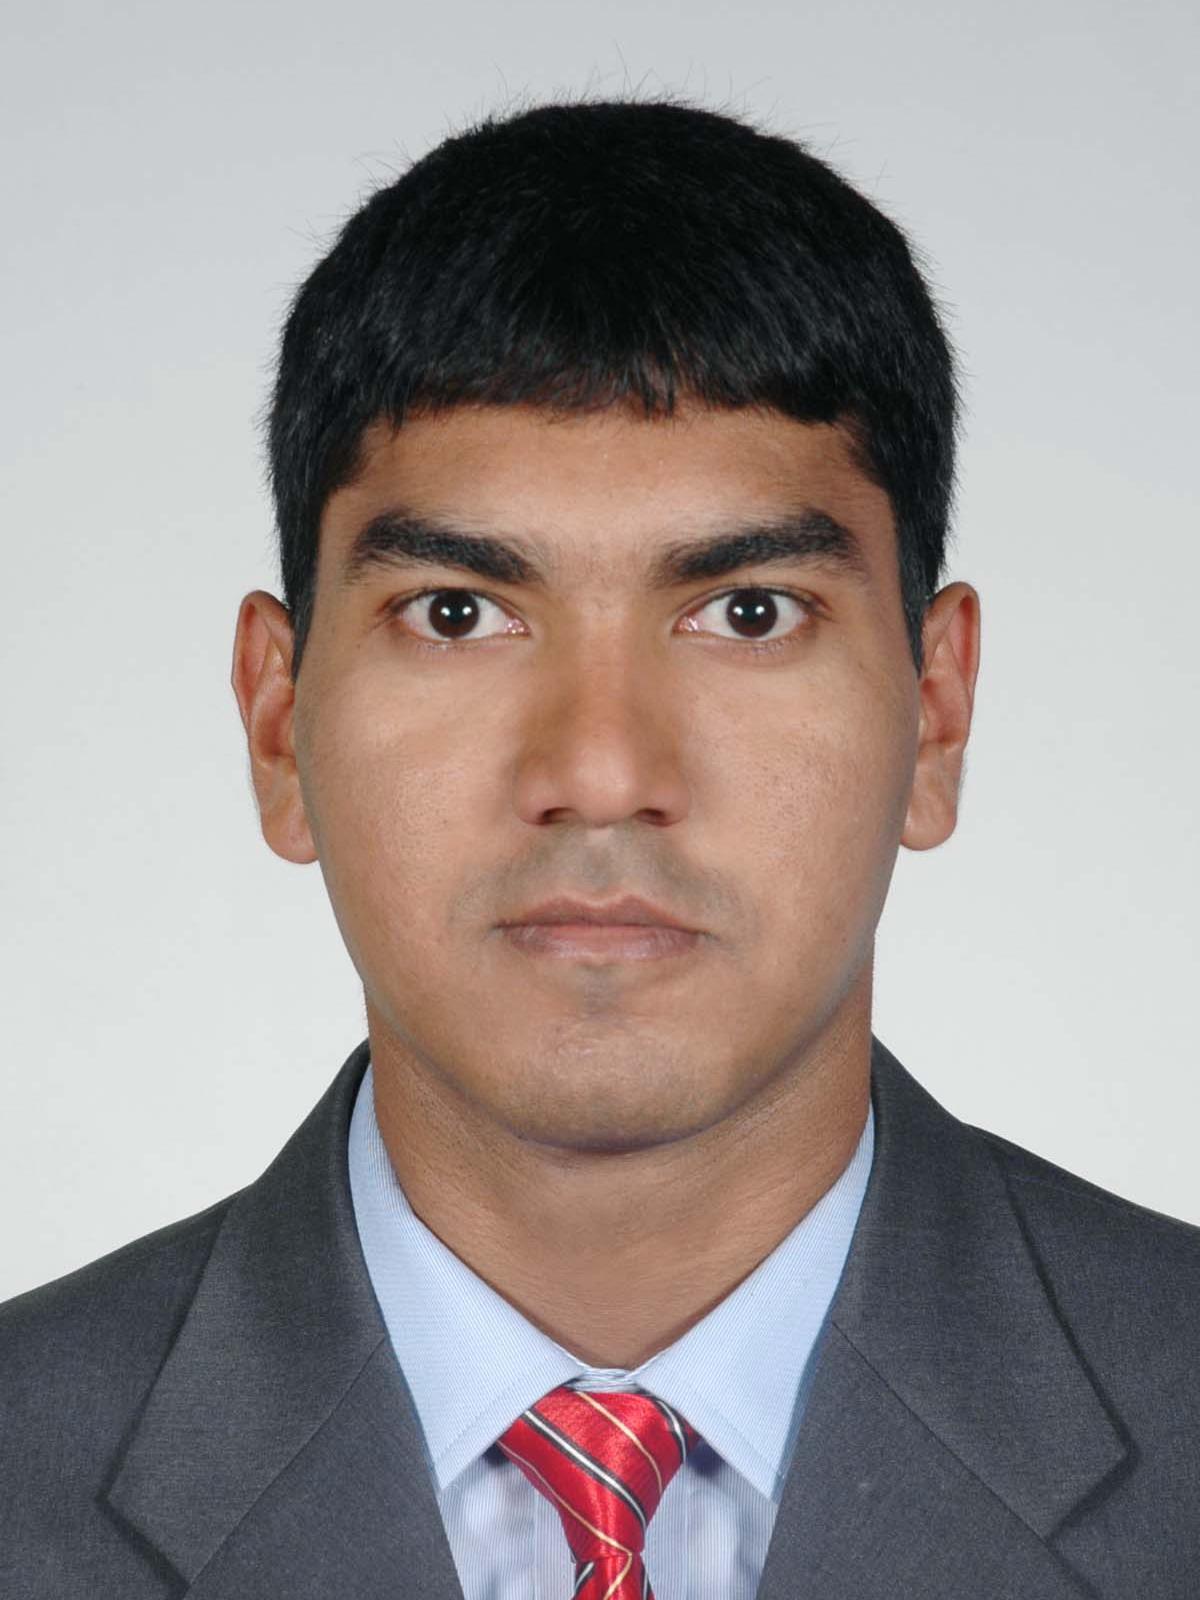 Tanvir Shams Qureshi